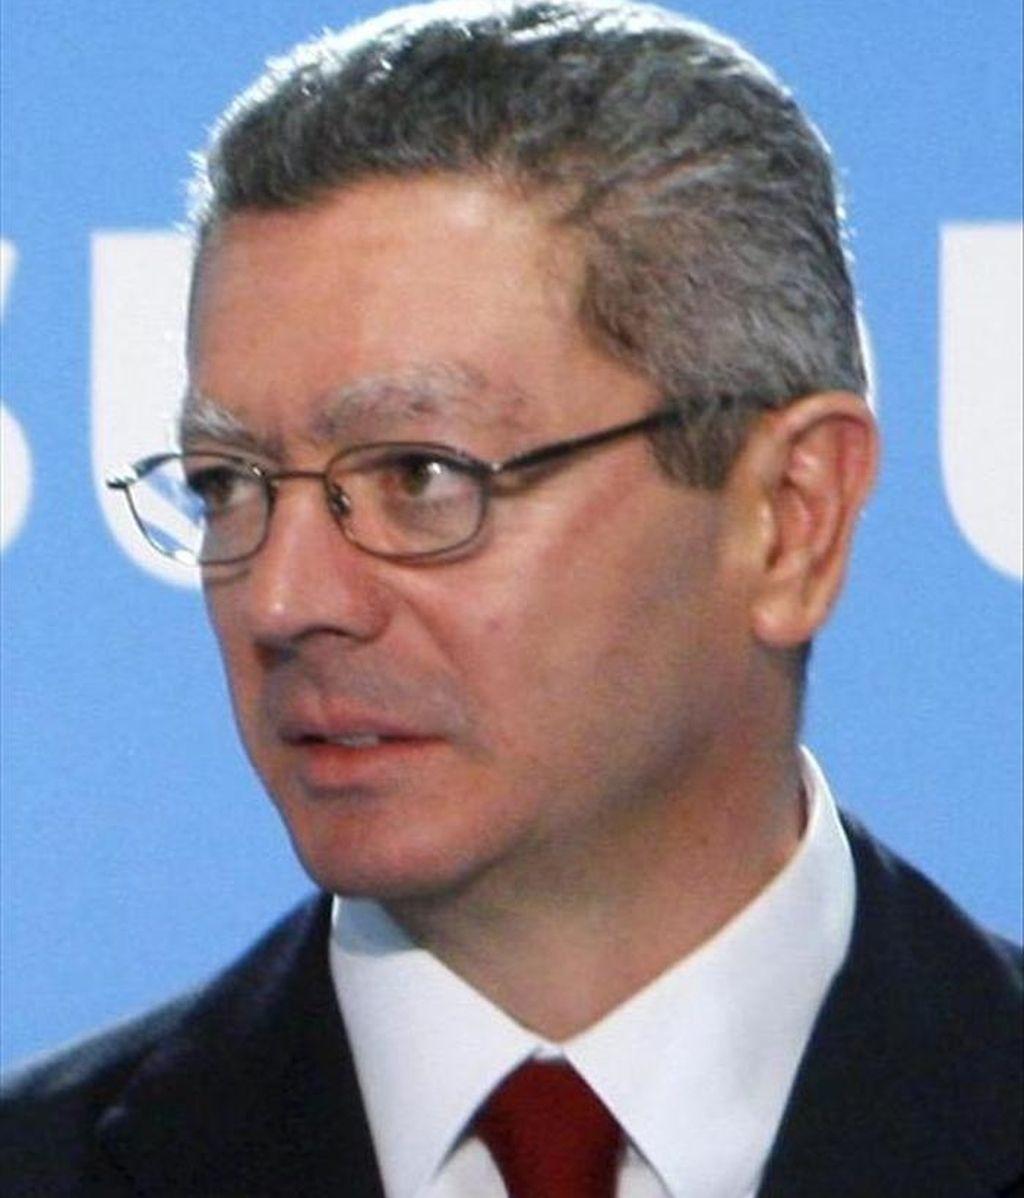 El alcalde de Madrid, Alberto Ruiz Gallardón. EFE/Archivo